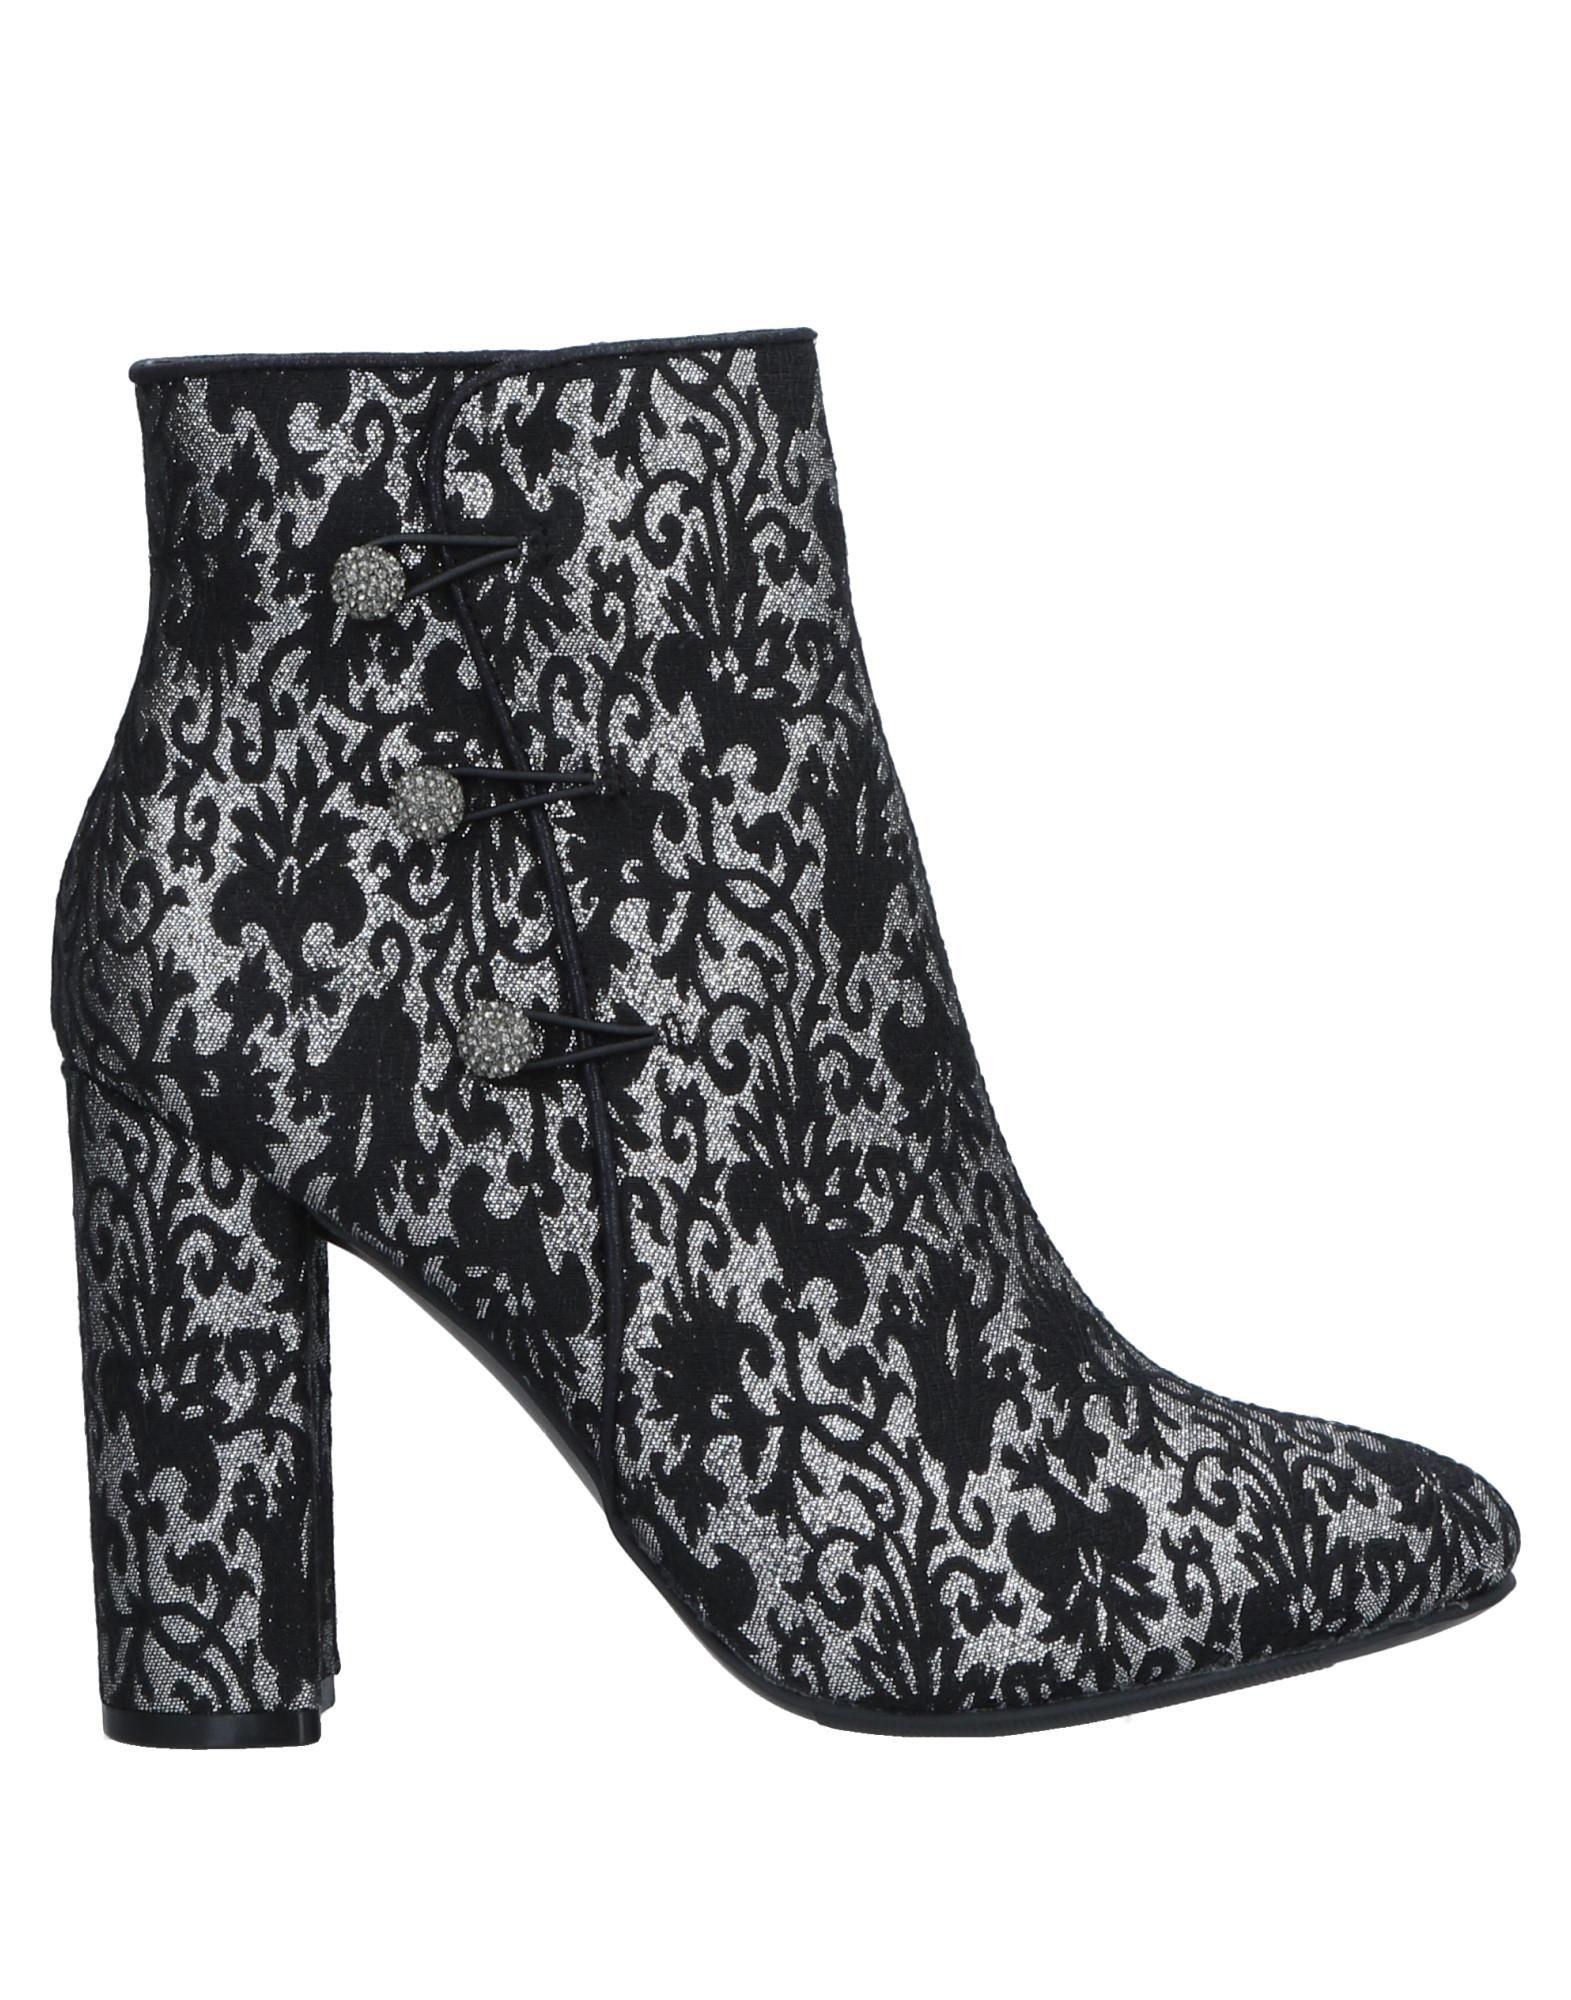 Nina New York Stiefelette Damen  11536951BF Gute Qualität beliebte Schuhe